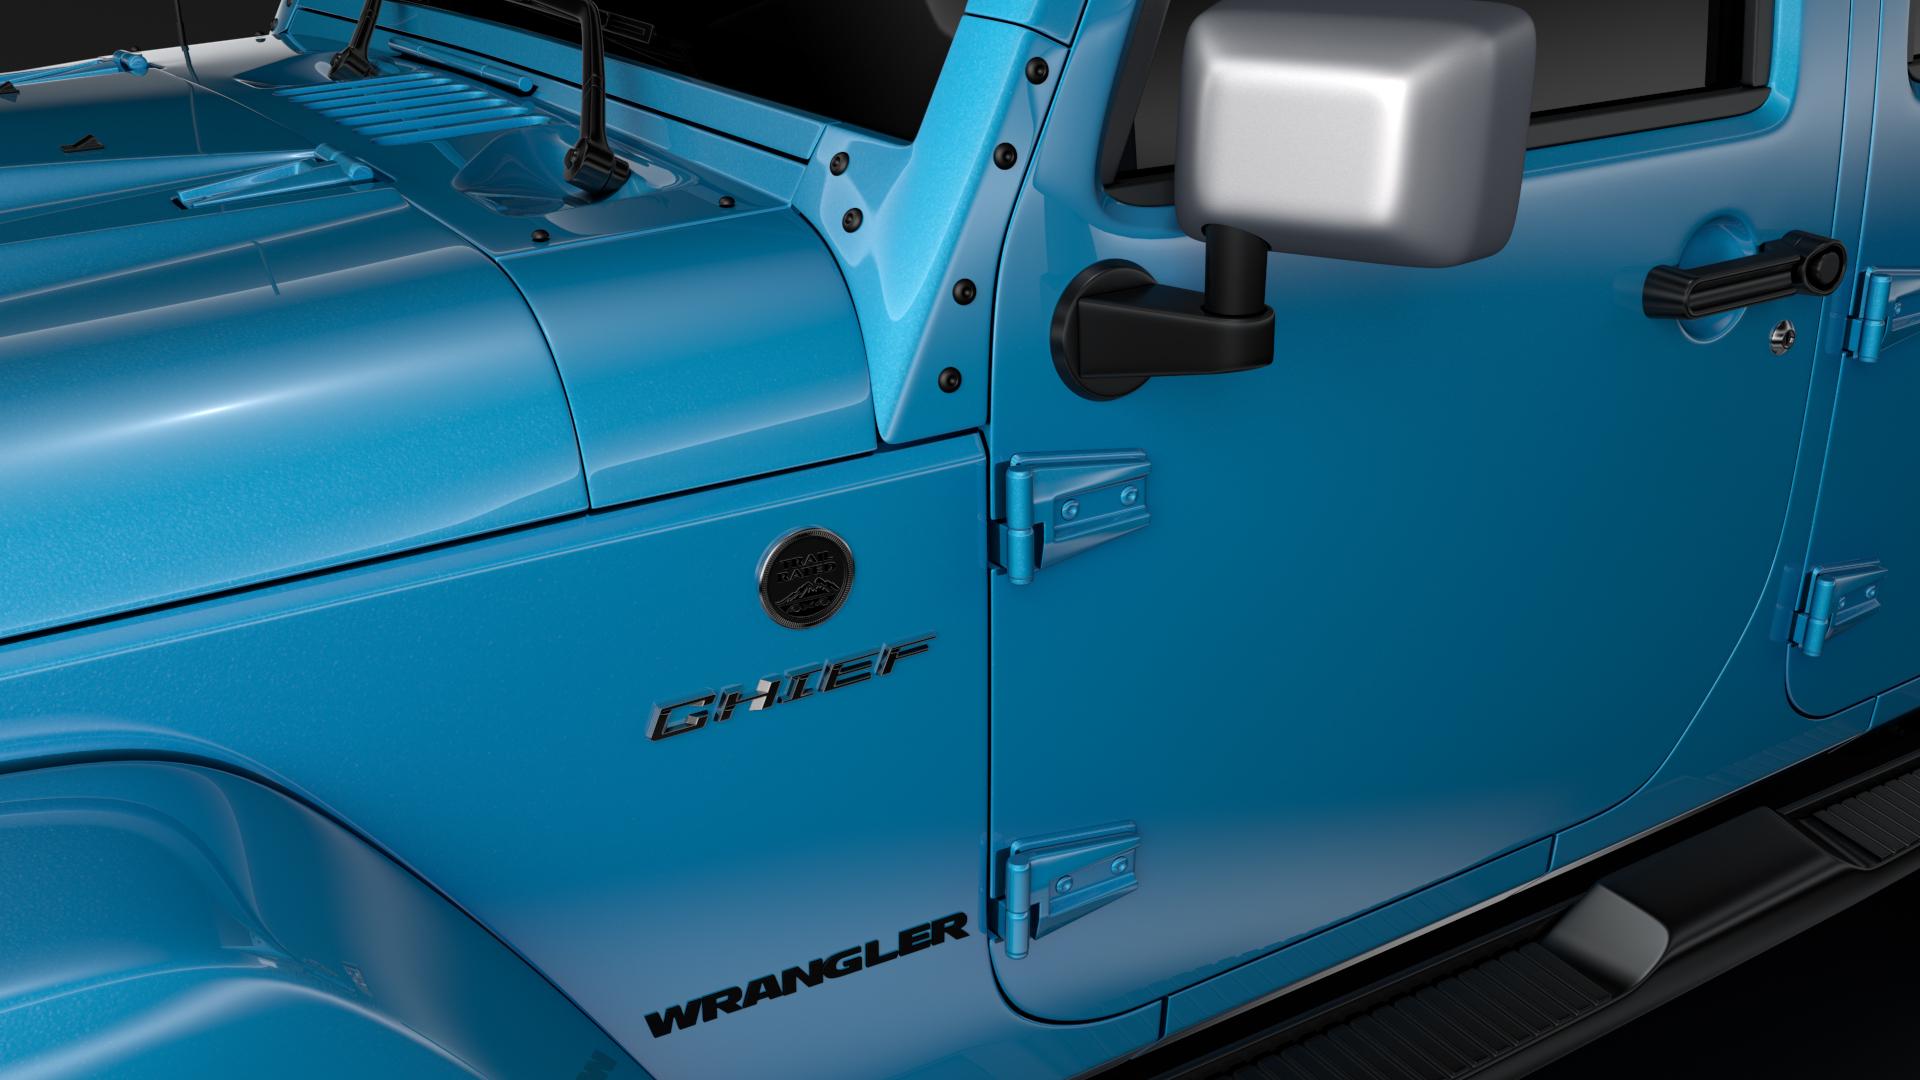 jeep wrangler unlimited chief jk 2017 3d model max fbx c4d lwo ma mb hrc xsi obj 276978